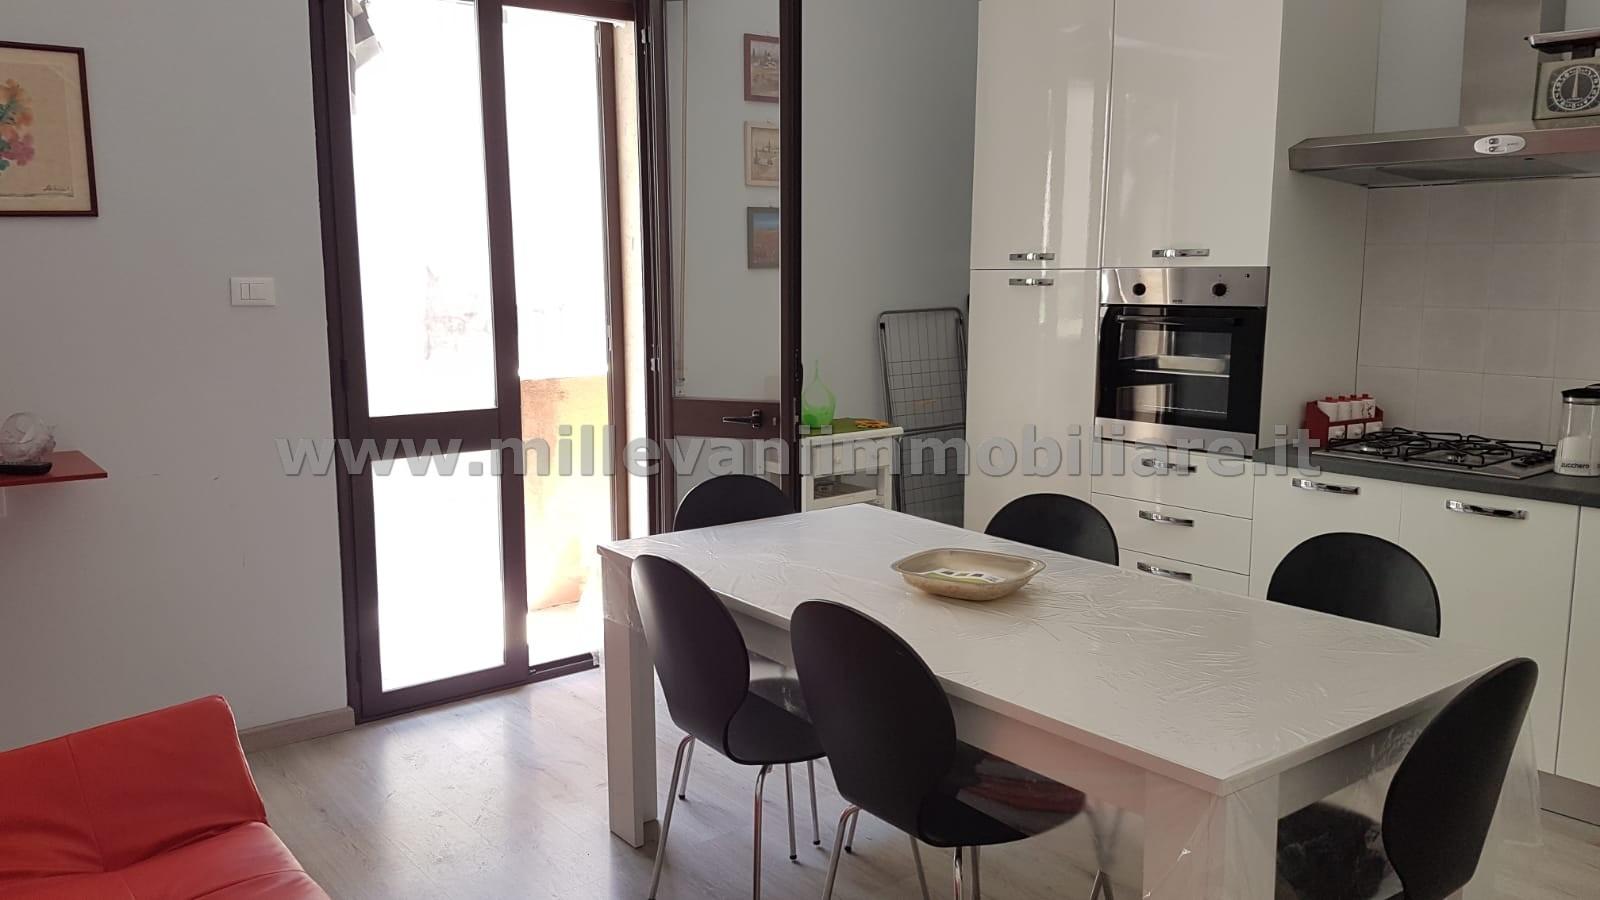 Appartamento in vendita a Pozzallo, 3 locali, zona Località: Centro, prezzo € 85.000 | CambioCasa.it